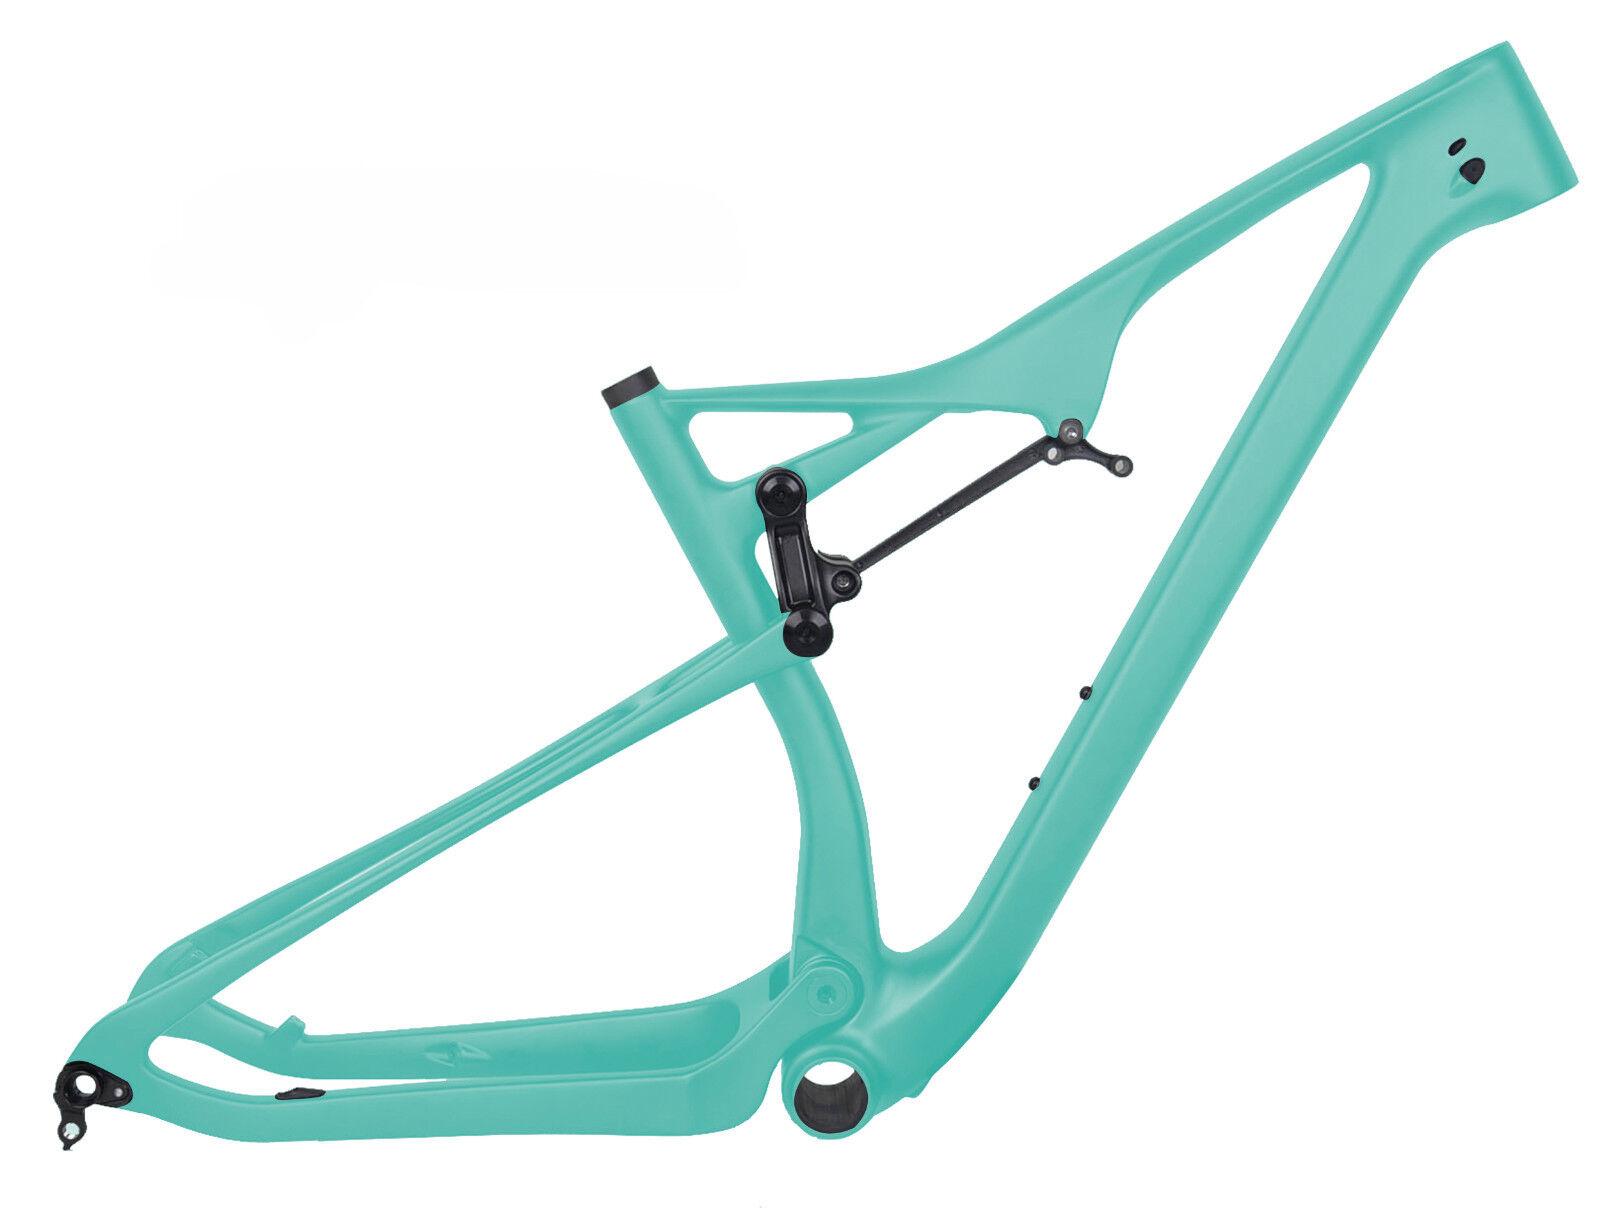 29er Full Suspension Carbon Frame EPS MTB Mountain Bike Green 15.5 BB92 110mm